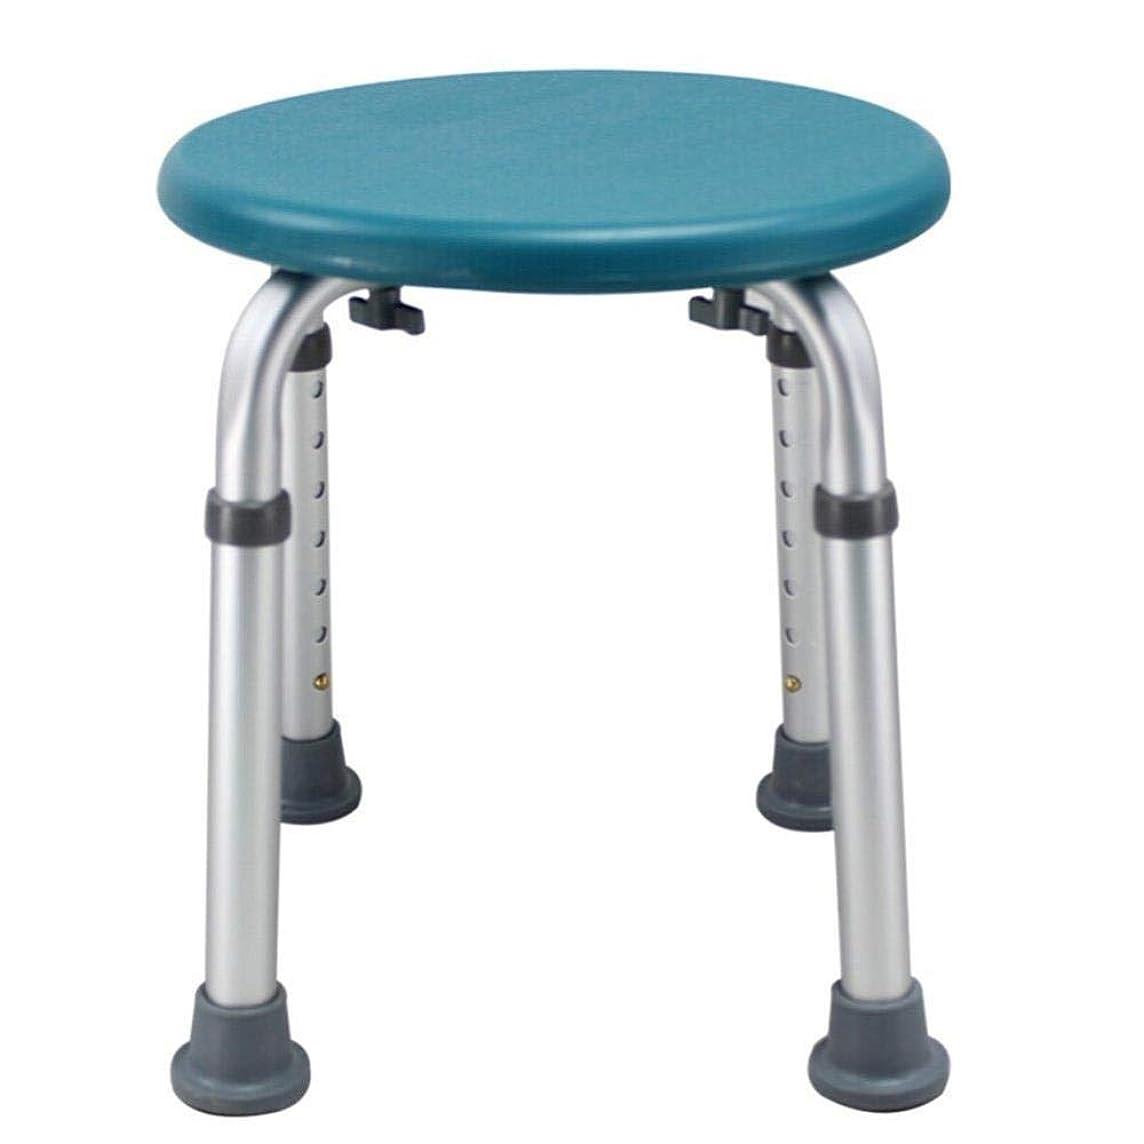 気づかないフライカイトストリップラウンドバスシートまたはシャワースツール、調整可能な高さのバスシートベンチ高齢者用入浴補助 (Color : 緑)